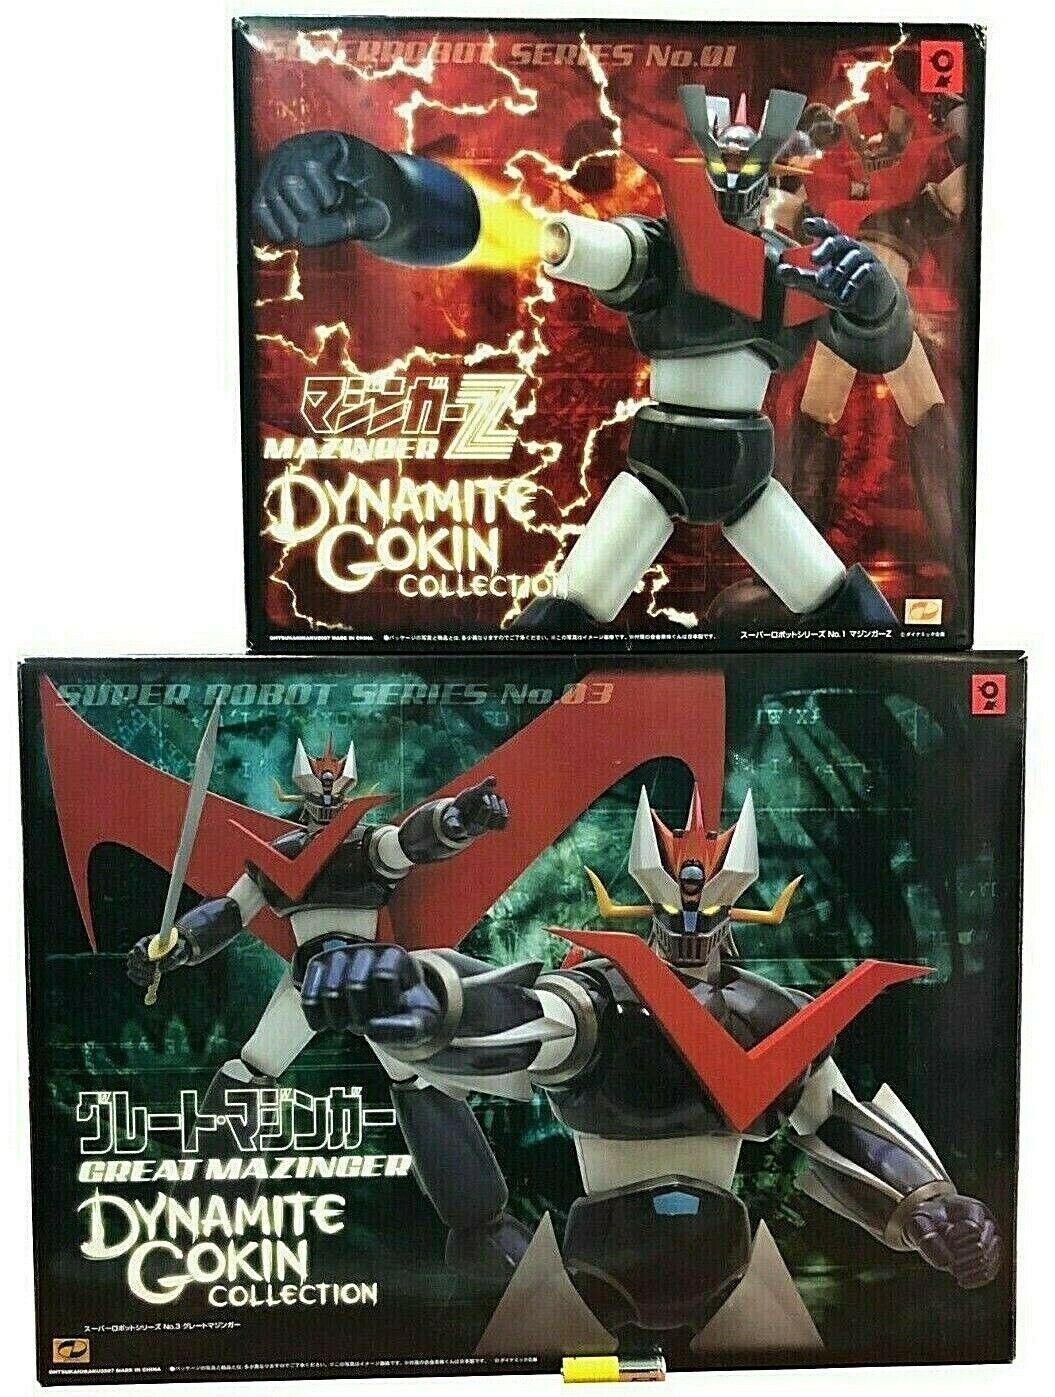 2 Chogokin el Grande Mazinger Great + Z Dynamite Gokin Sr Metal